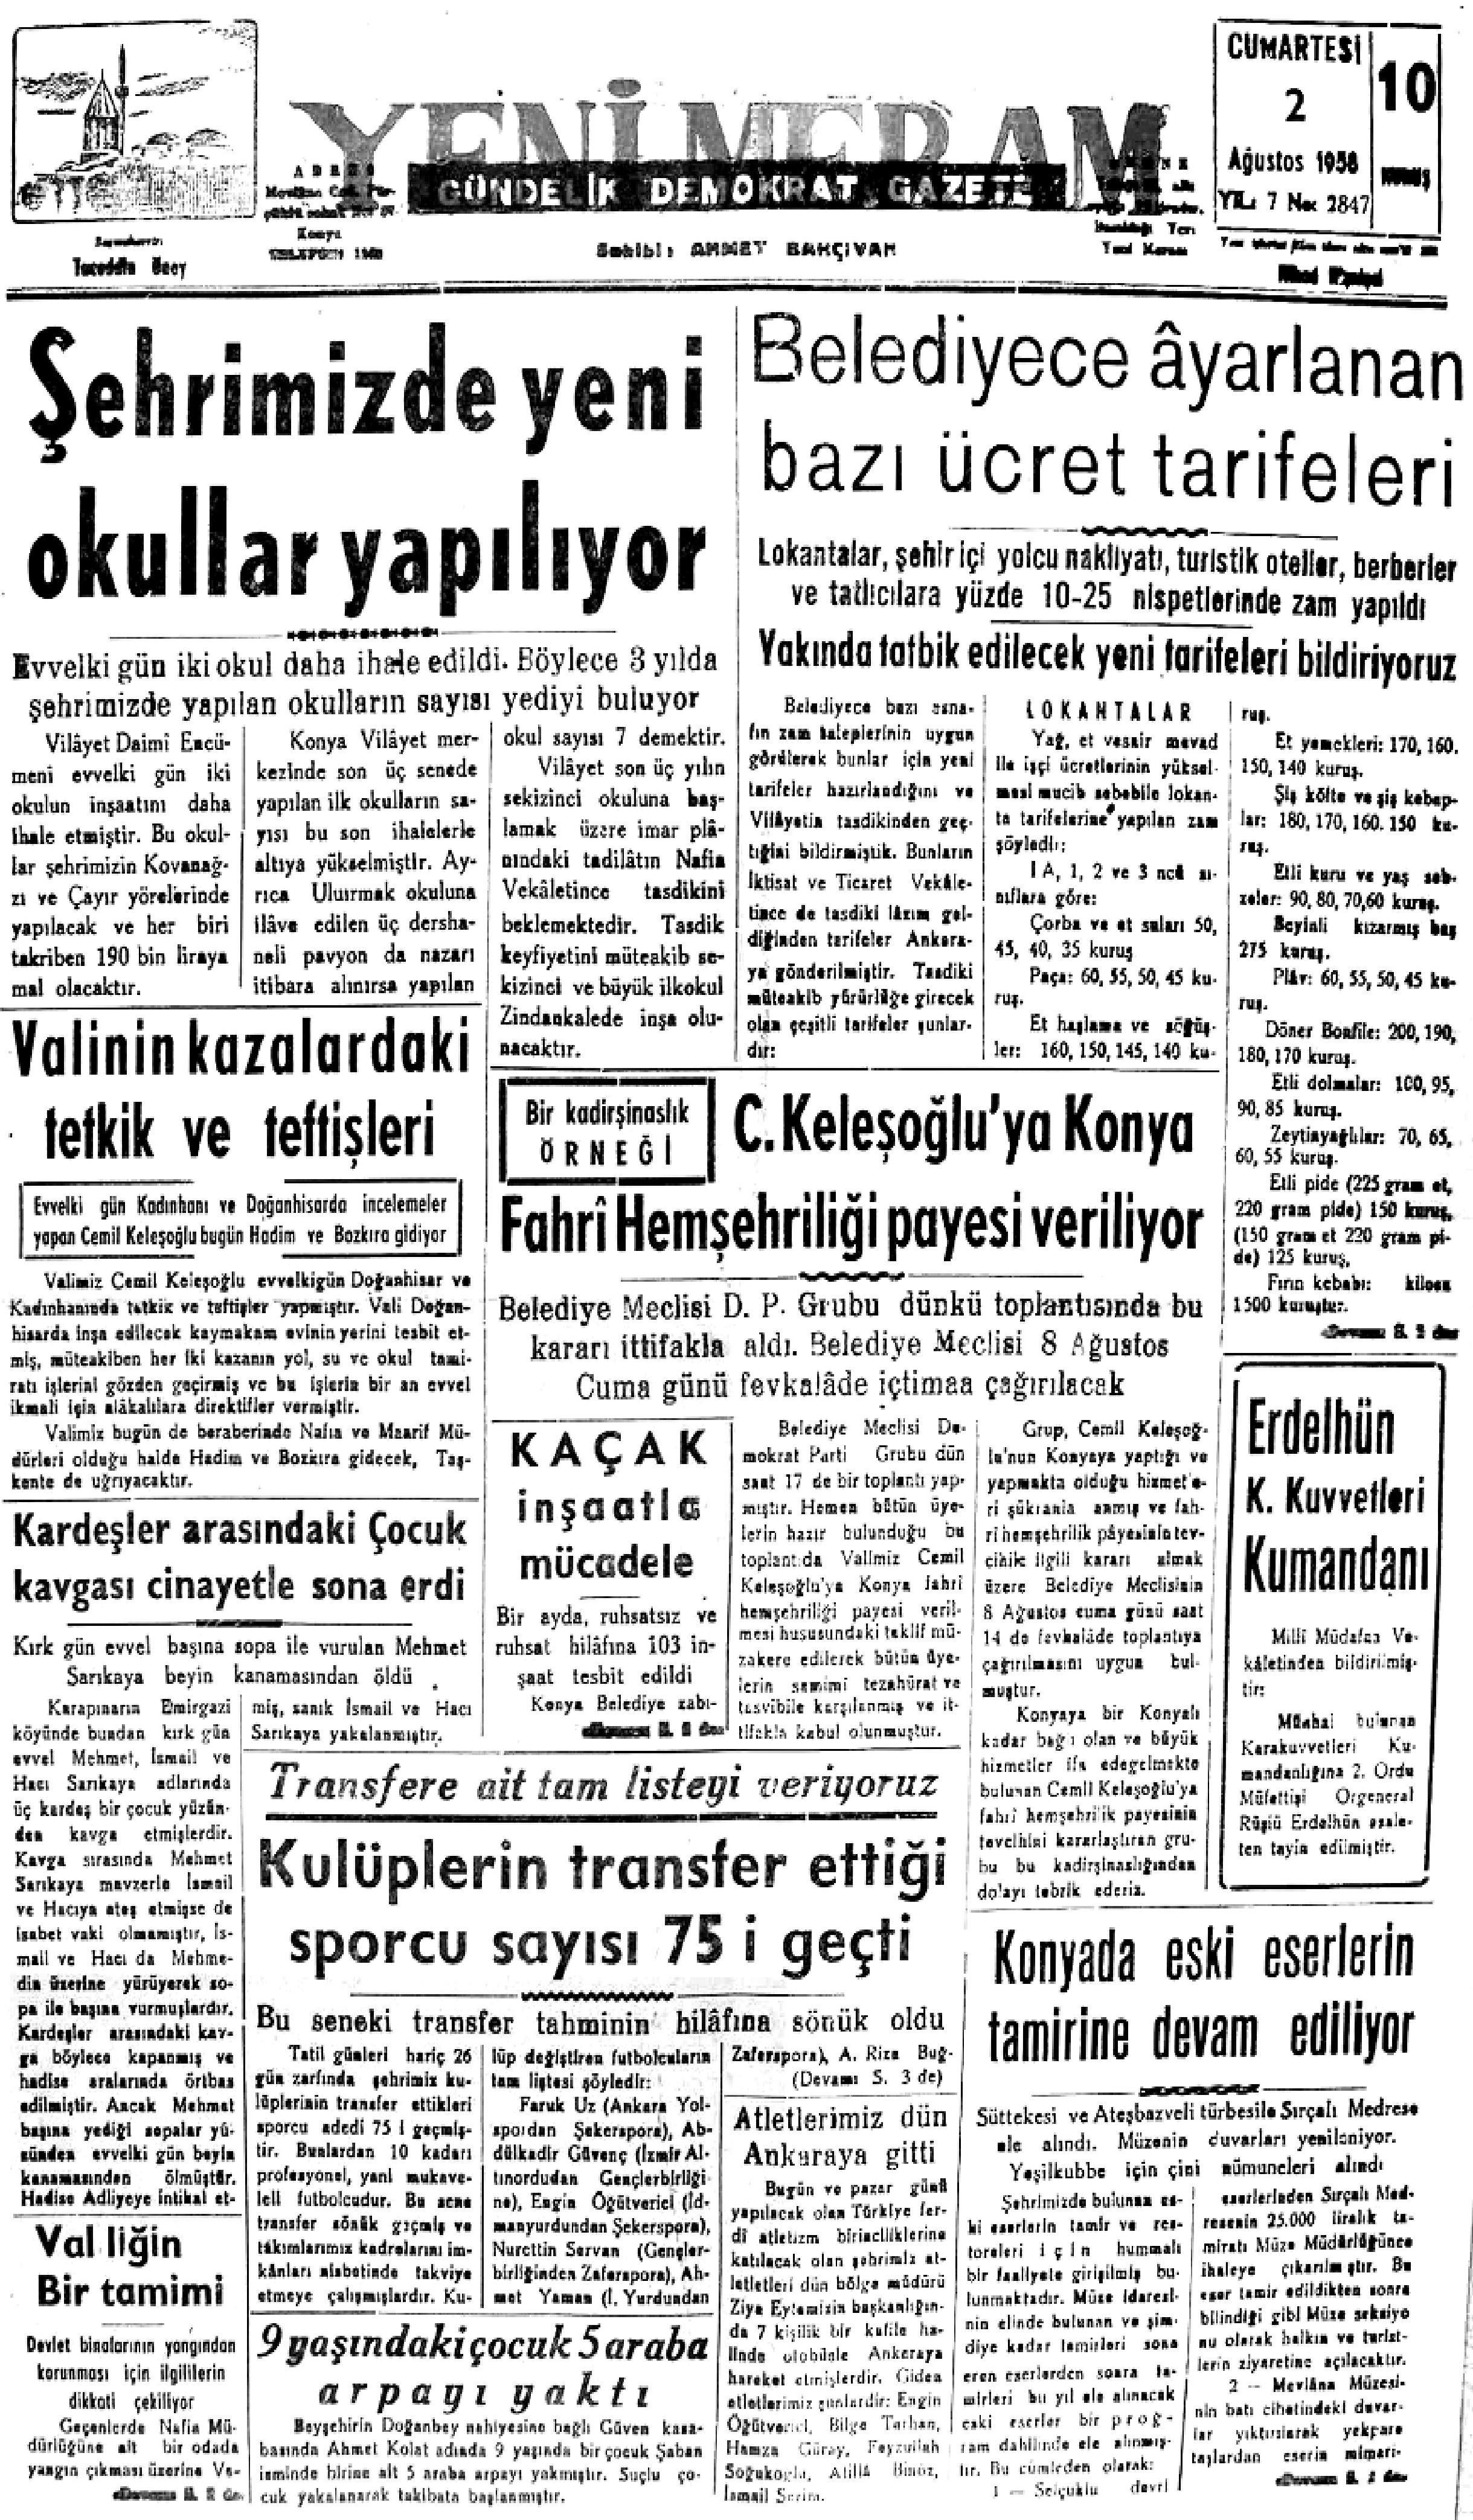 2 Ağustos 2021 Yeni Meram Gazetesi